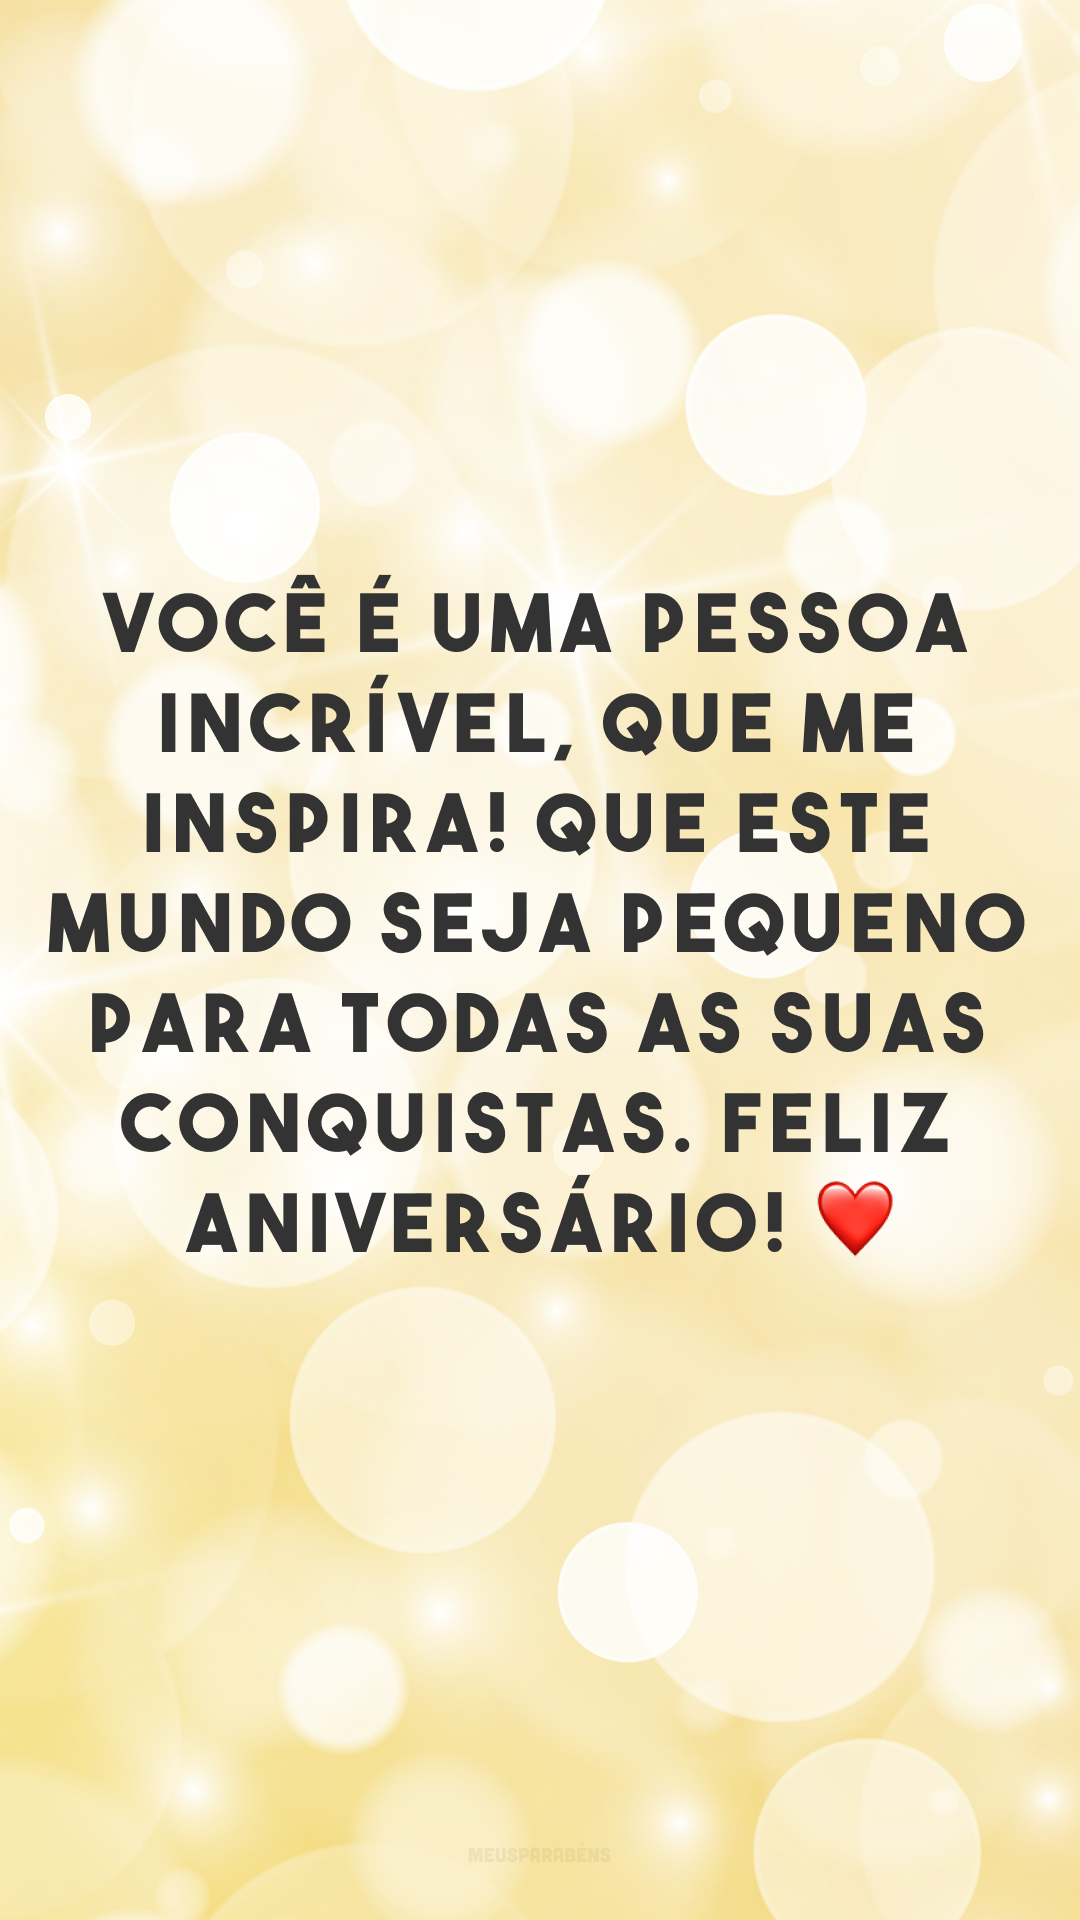 Você é uma pessoa incrível, que me inspira! Que este mundo seja pequeno para todas as suas conquistas. Feliz aniversário! ❤